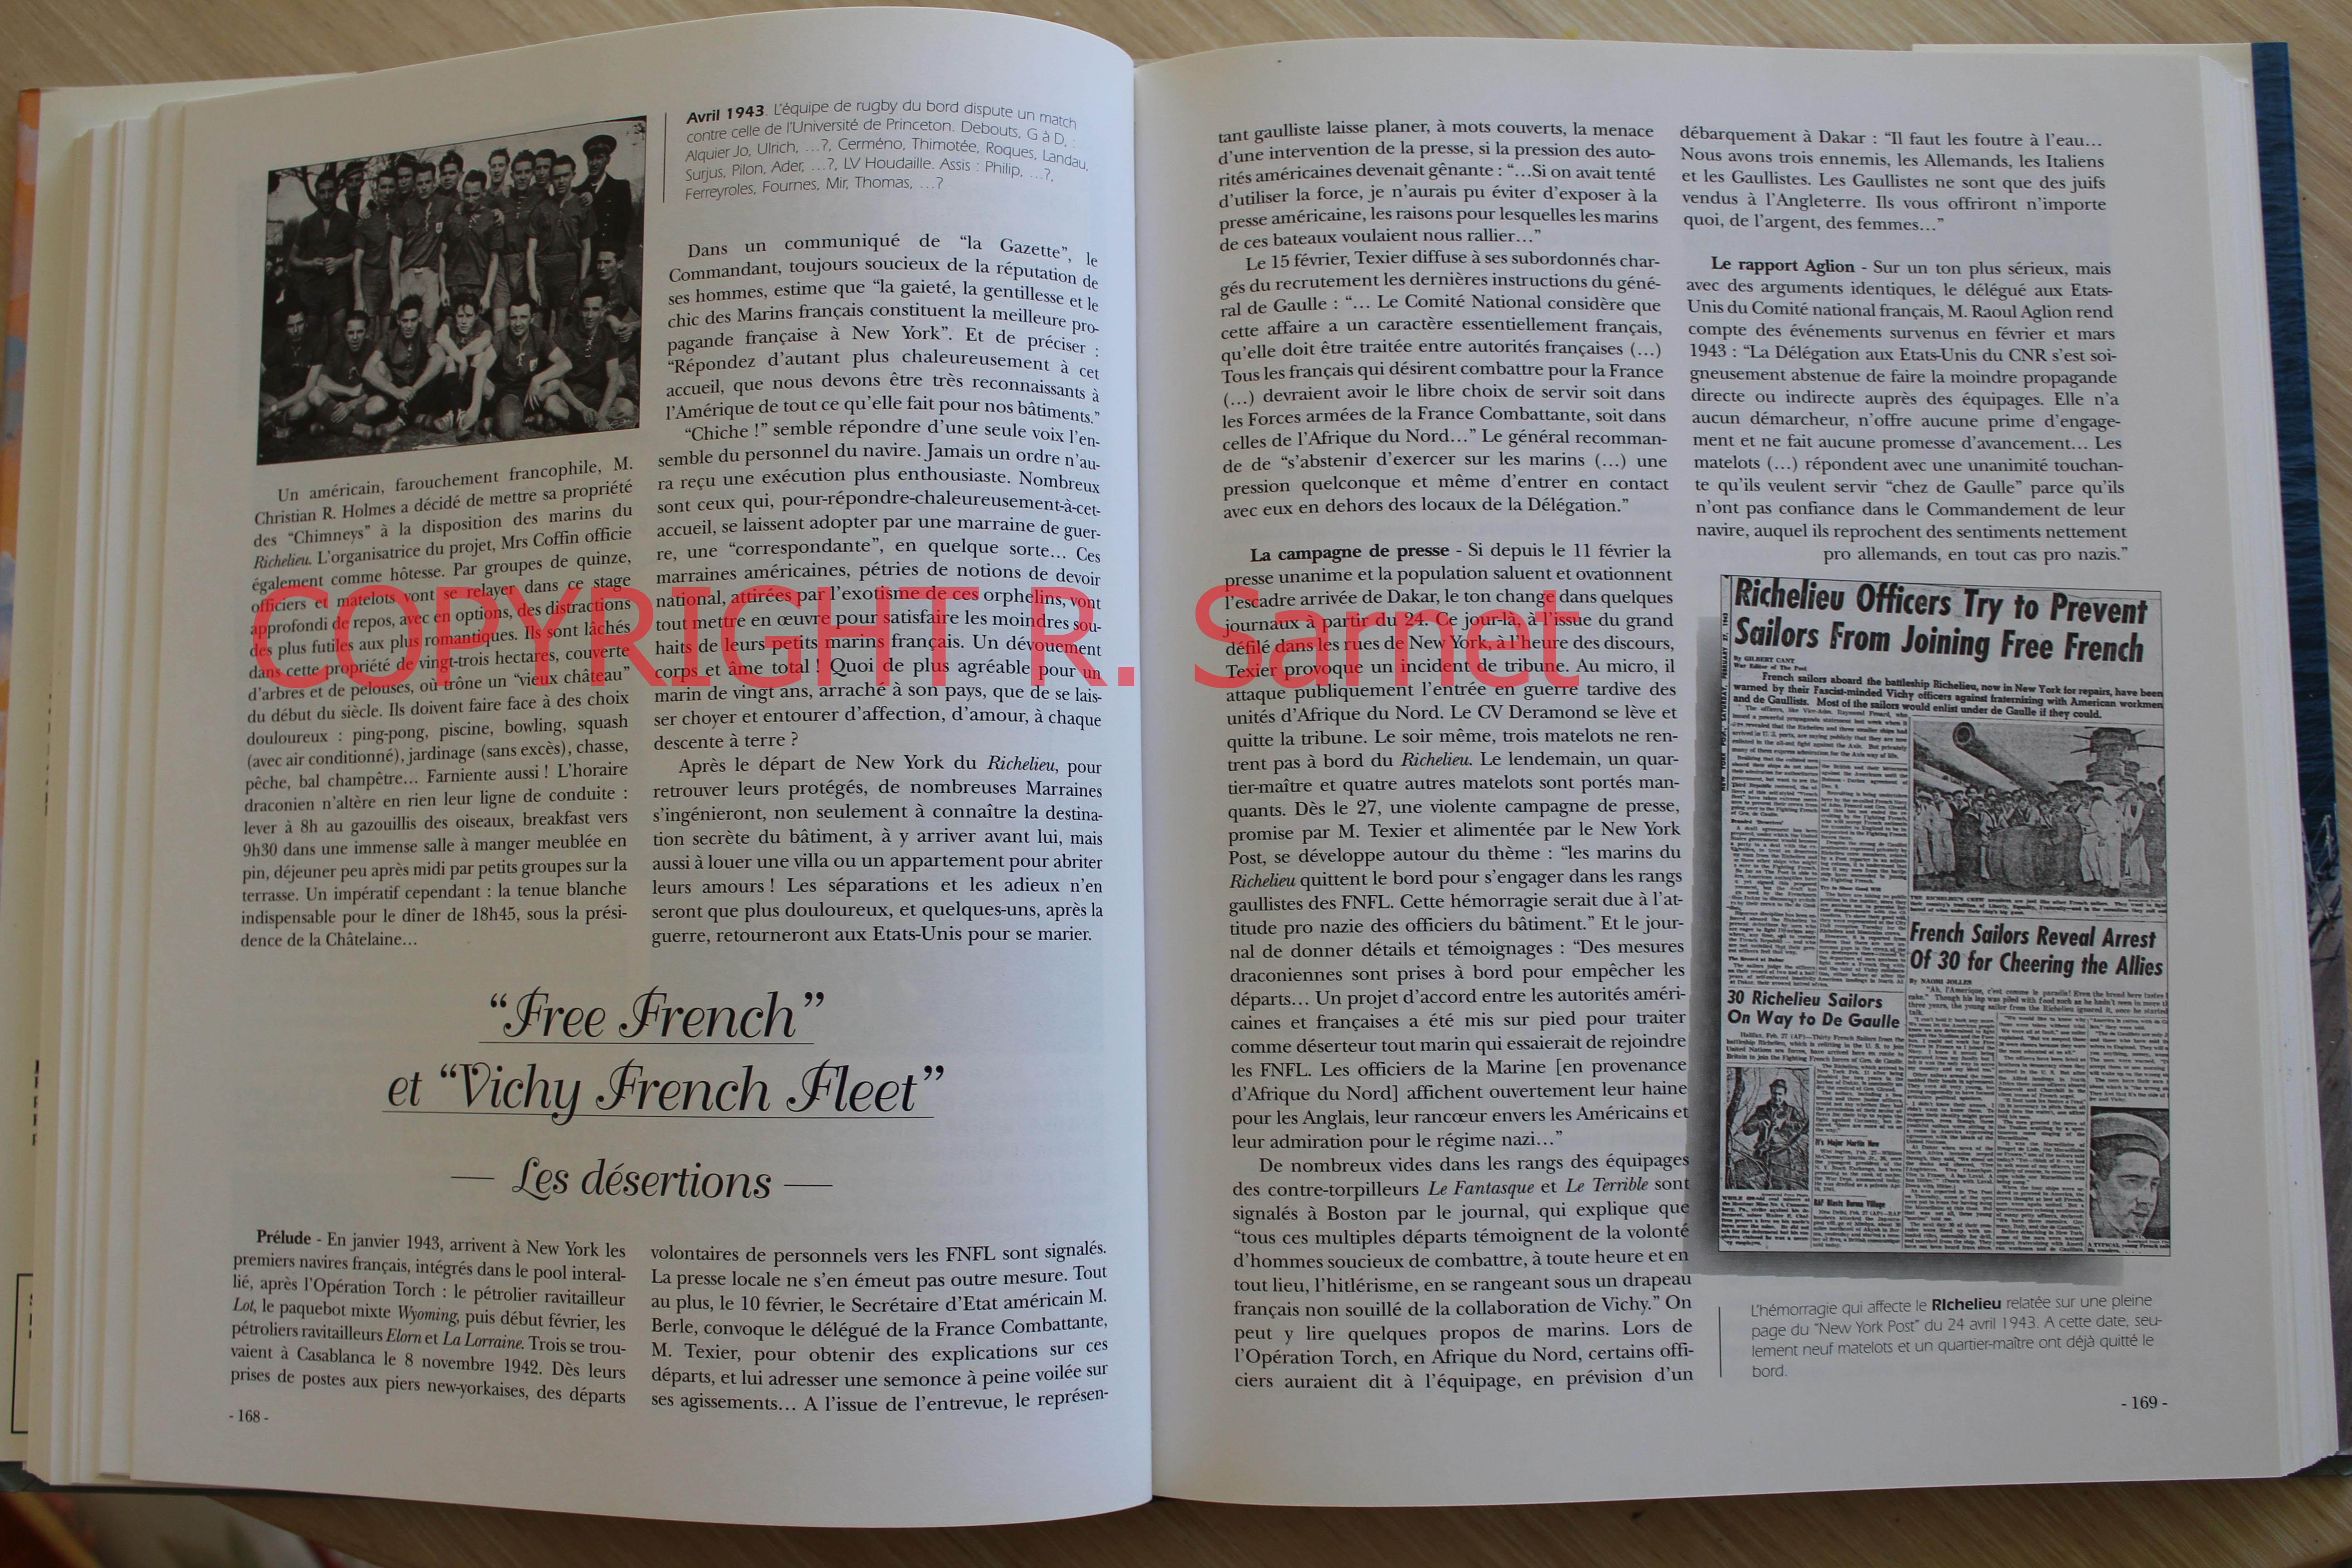 Cuirassé Richelieu 1/100 Vrsion 1943 sur plans Polonais et Sarnet + Dumas - Page 2 628121IMG0895